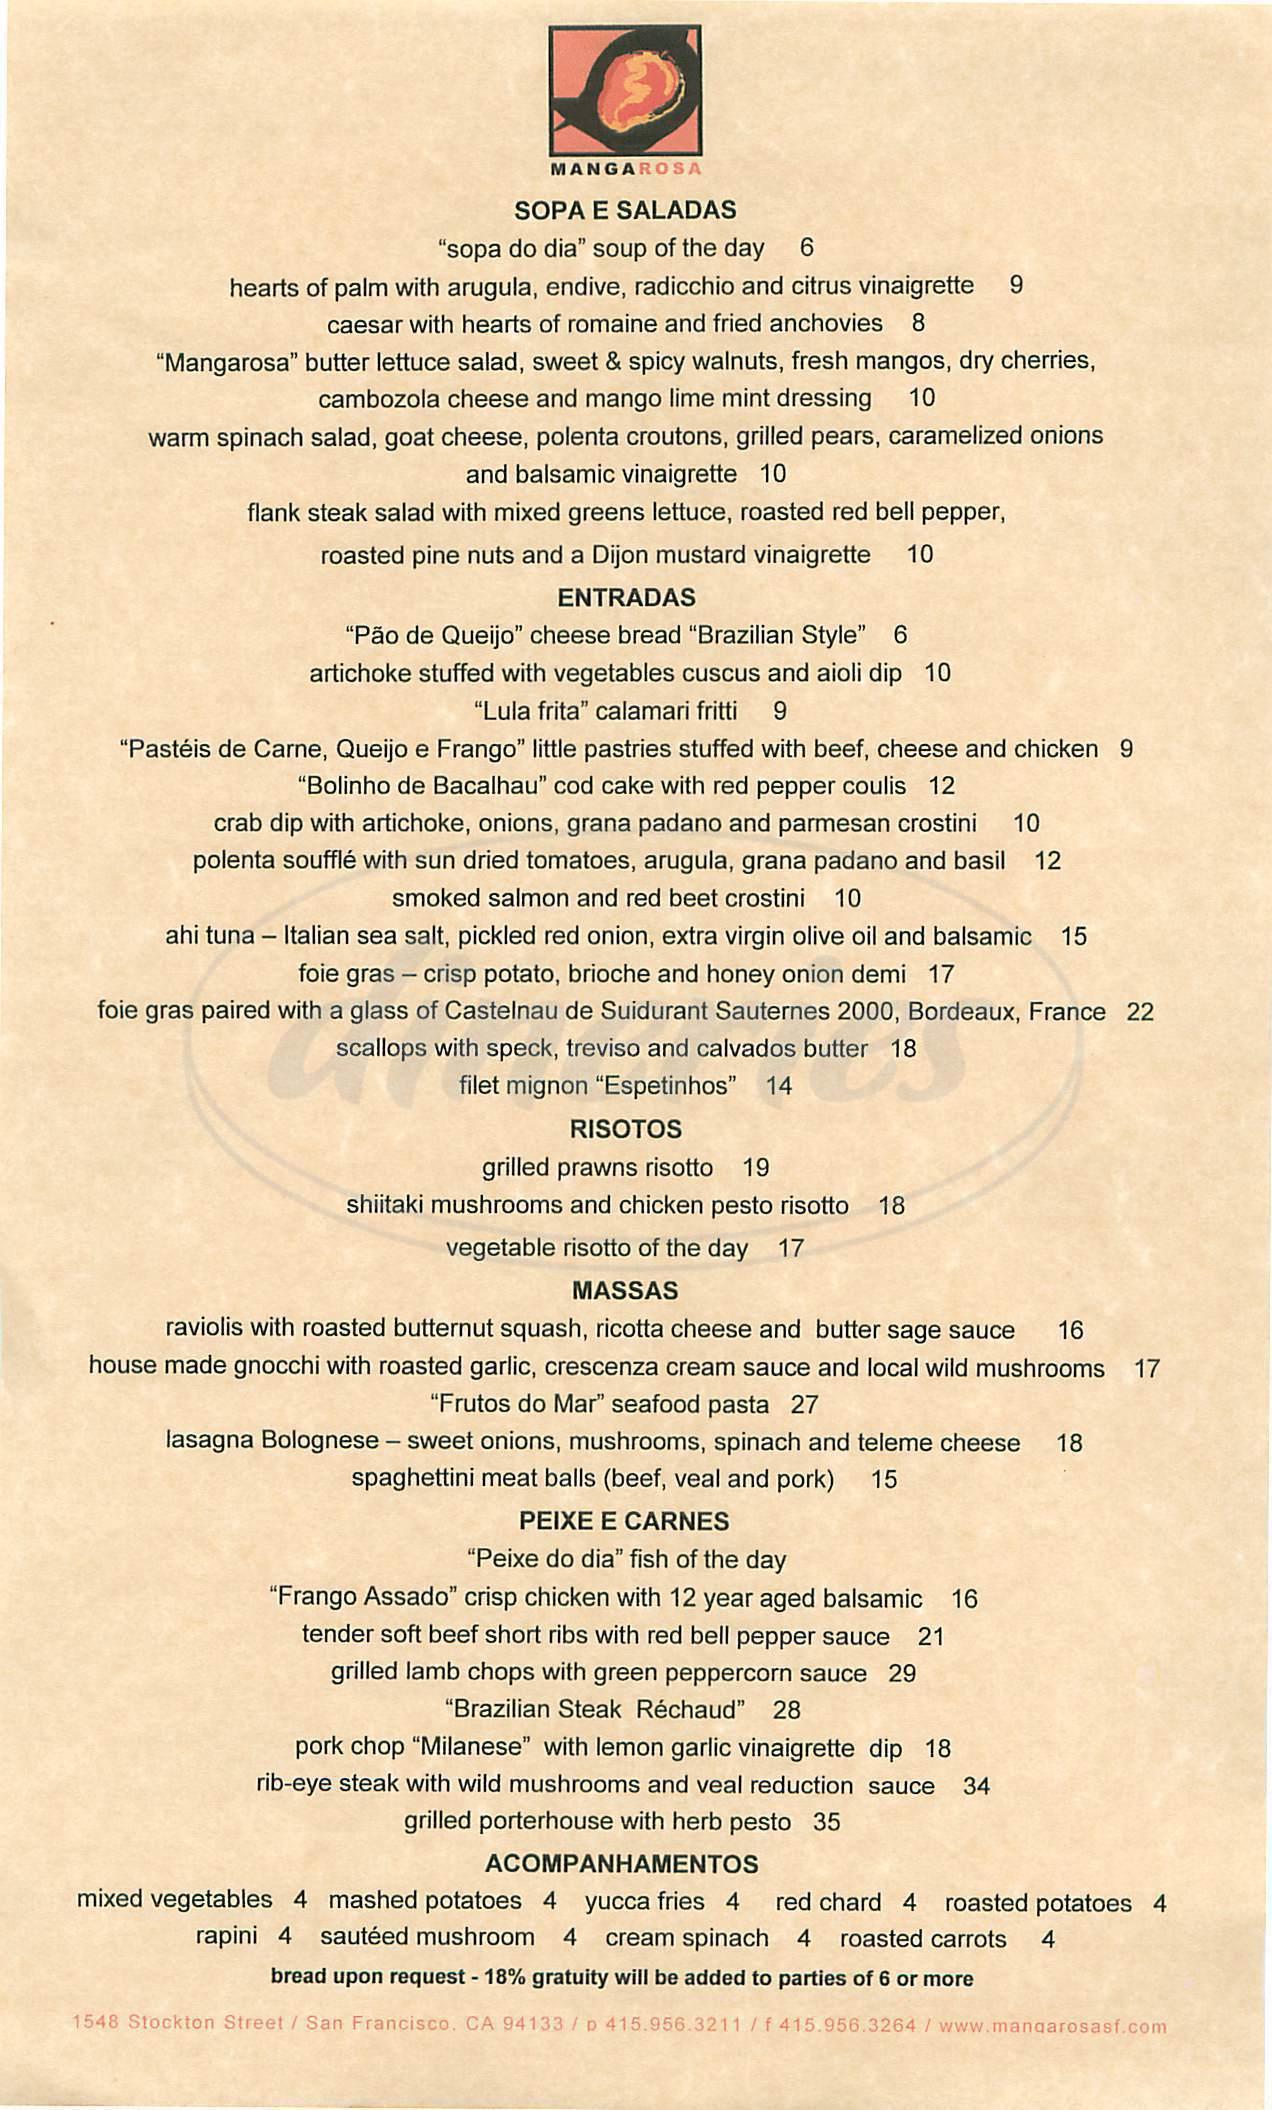 menu for Mangarosa